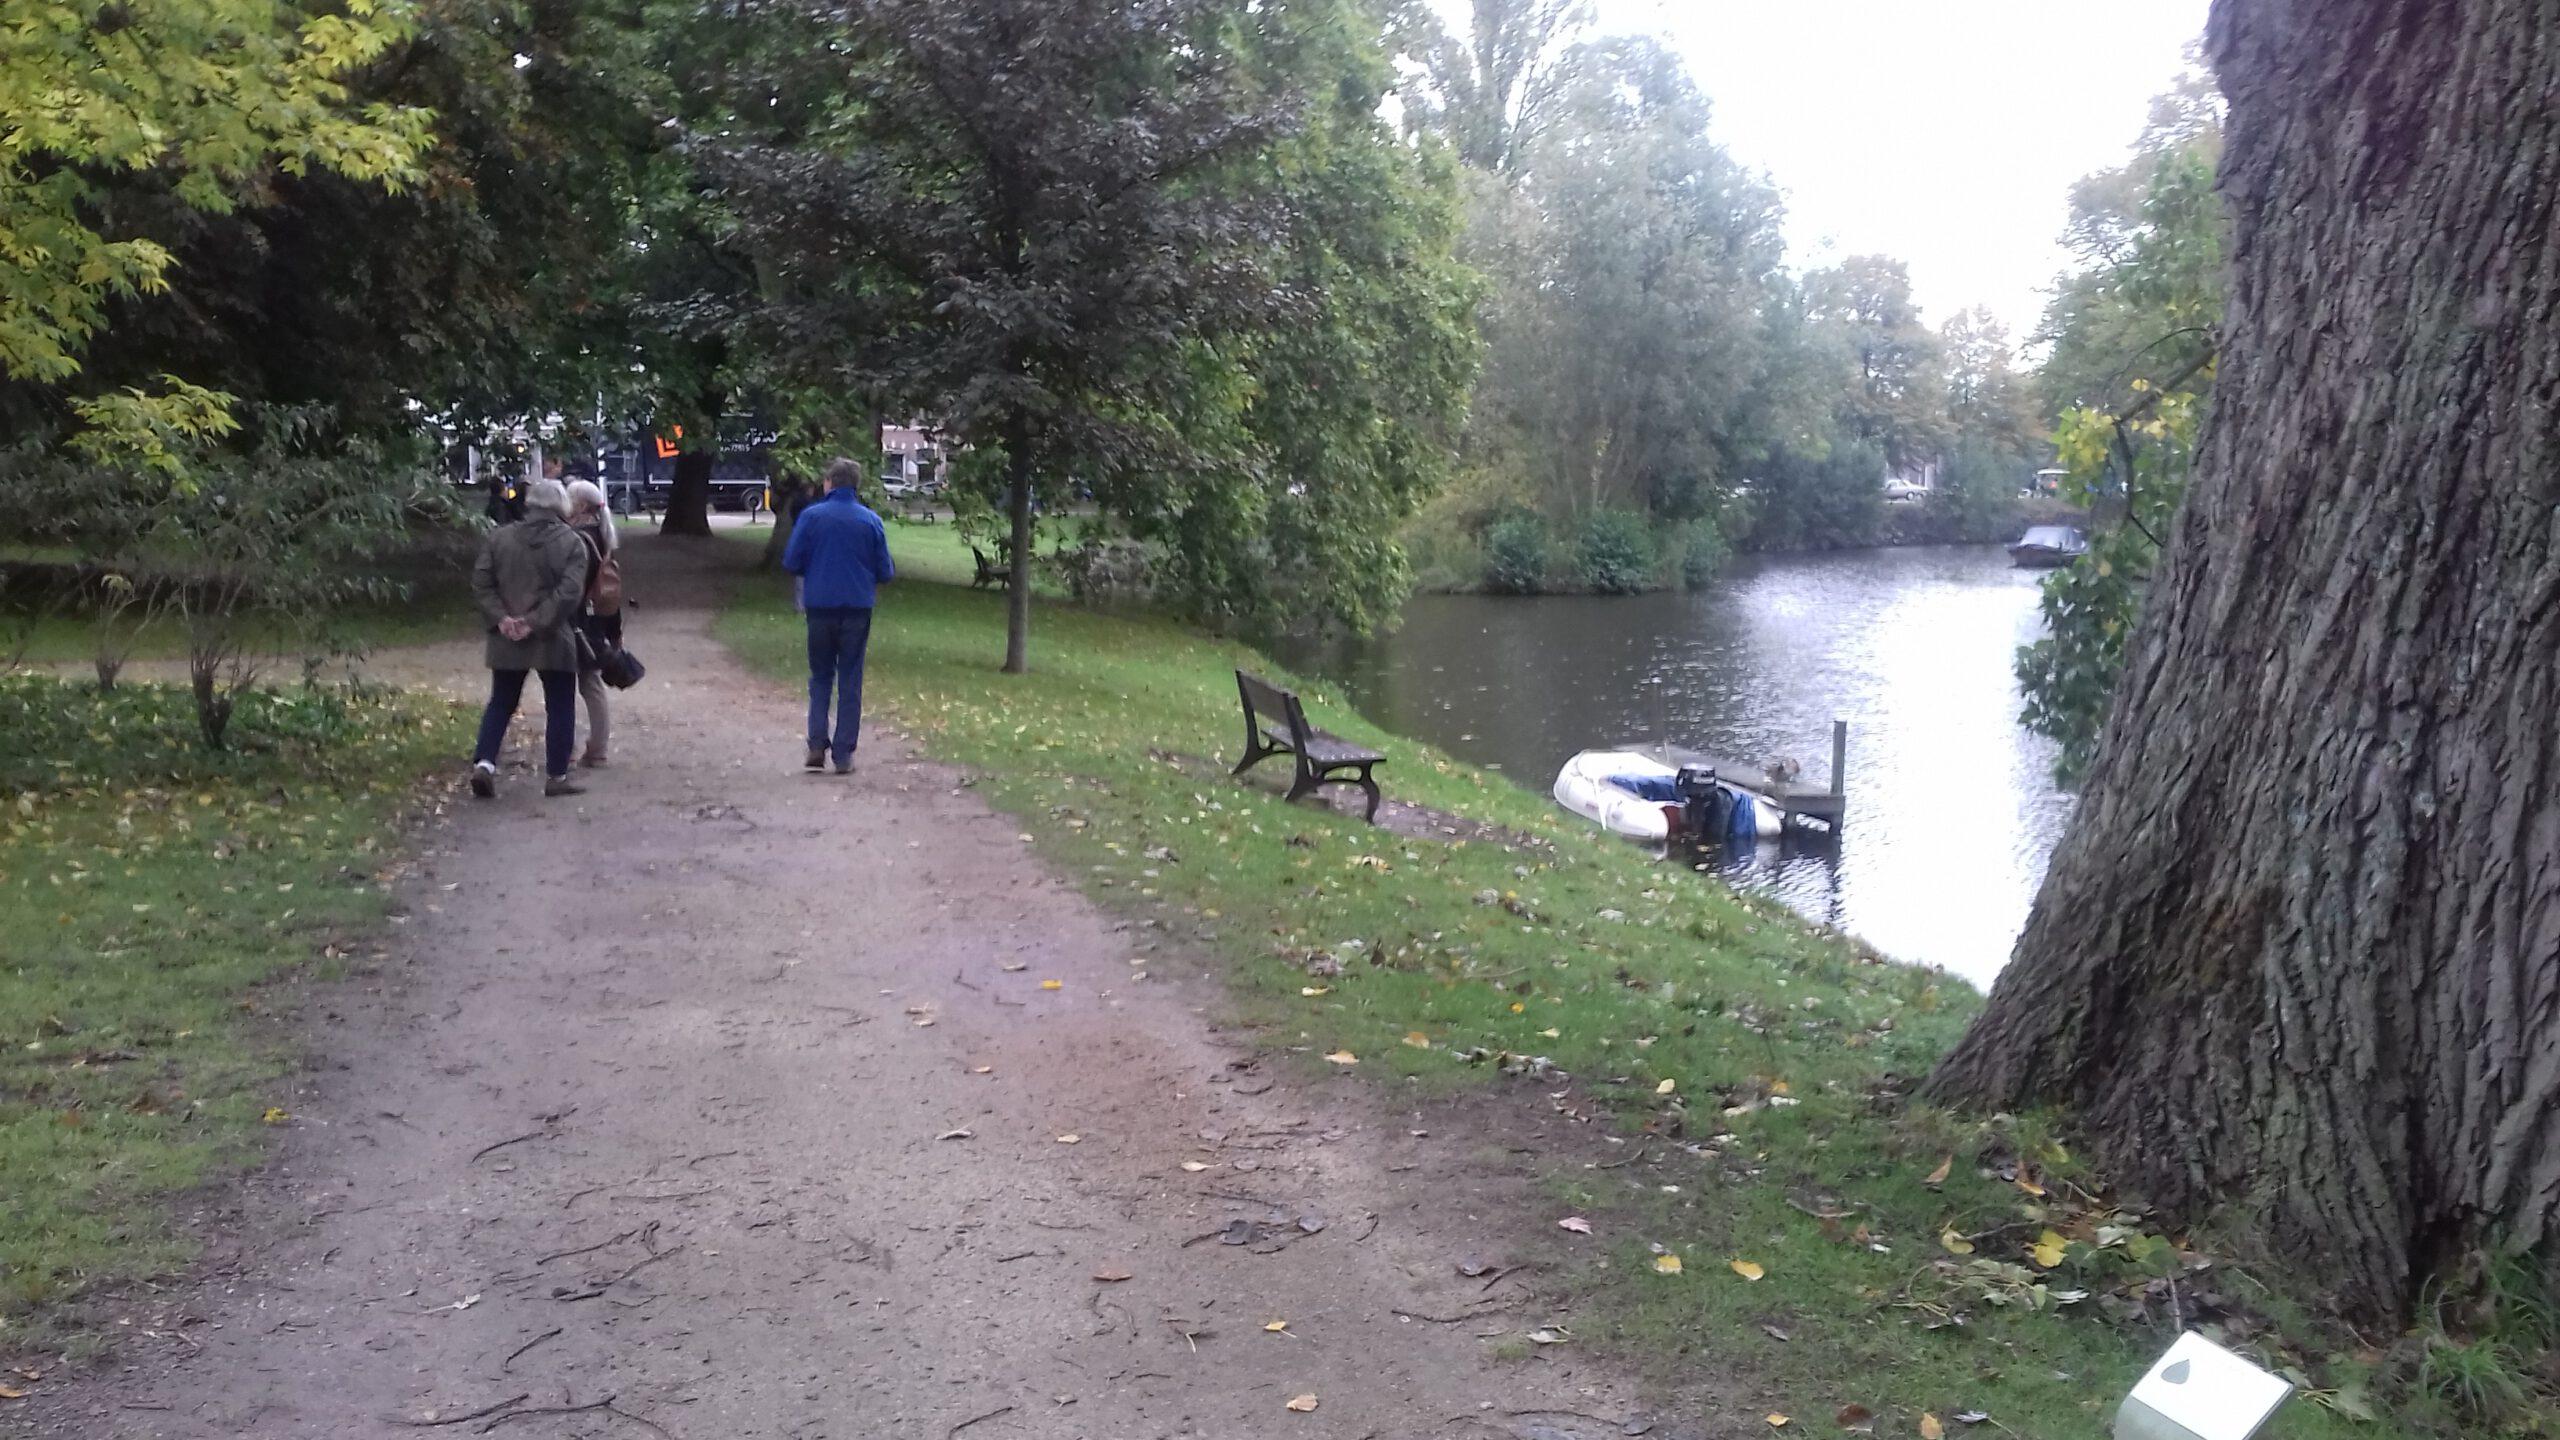 wandelaars in Leids park